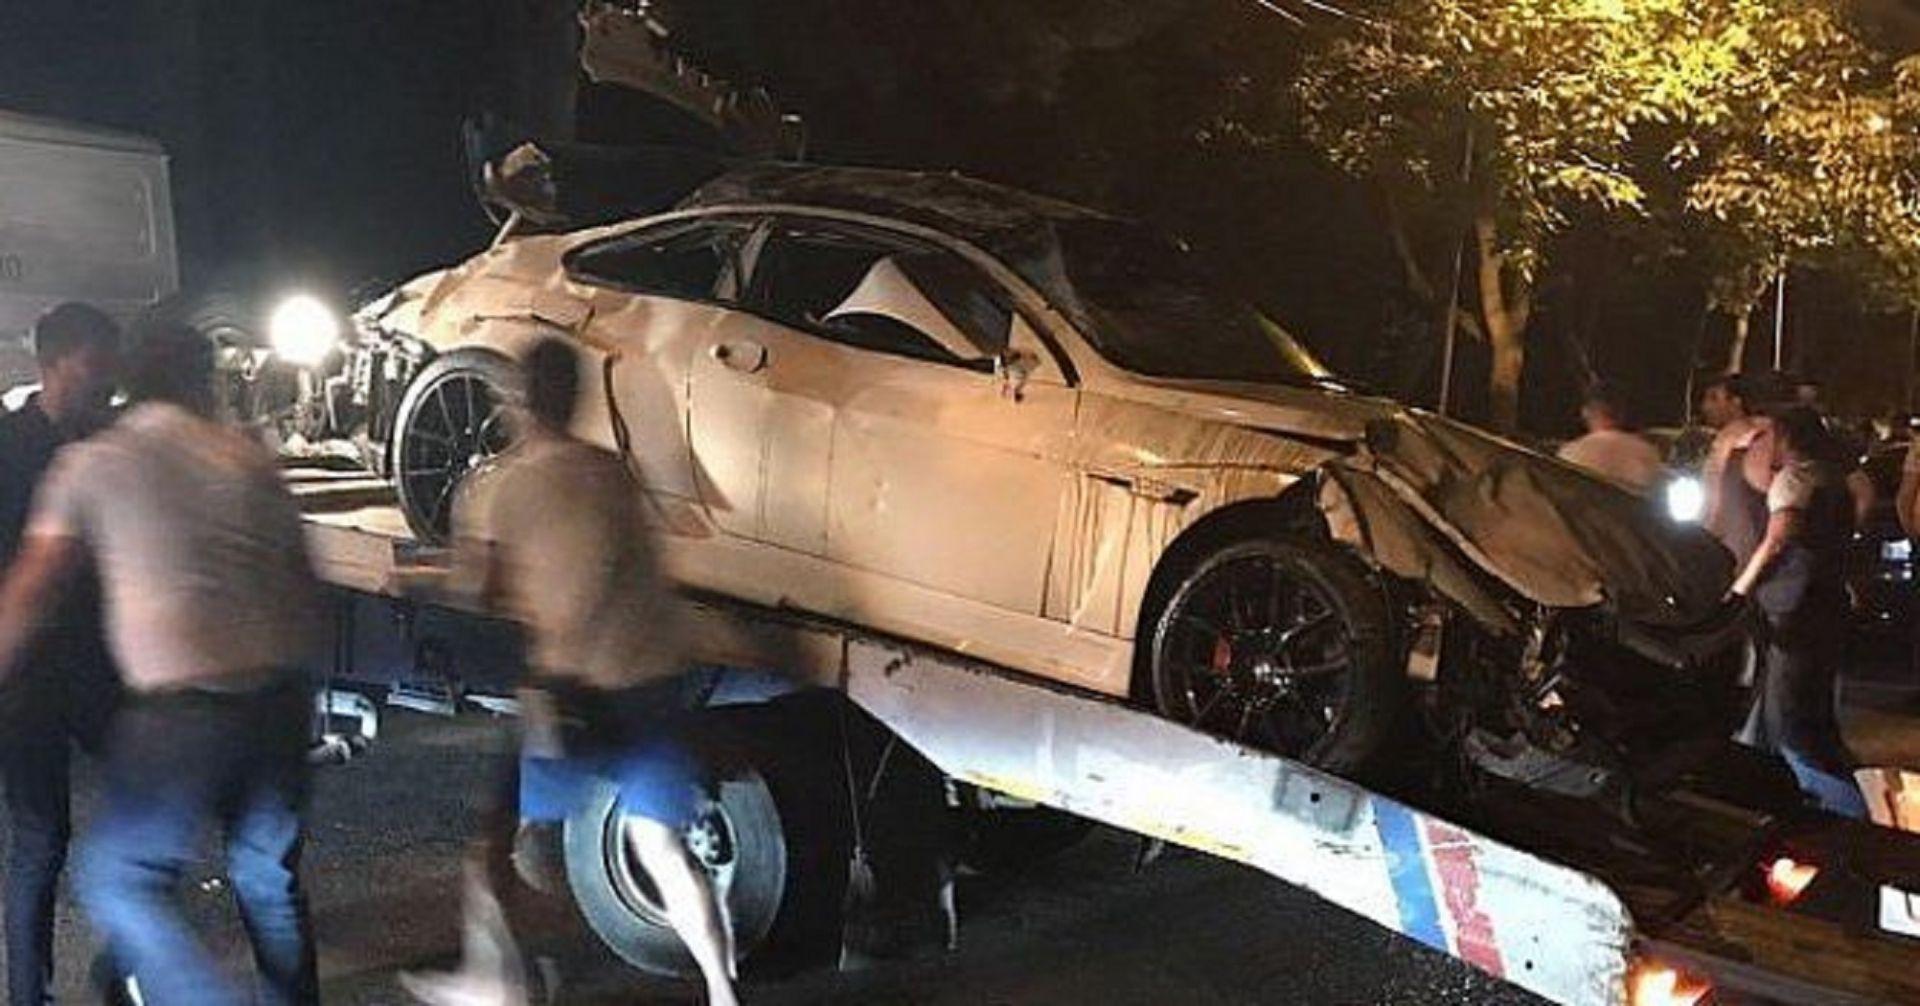 Шофёр «БМВ» устроил трагедию наместе дуэли Лермонтова вПятигорске